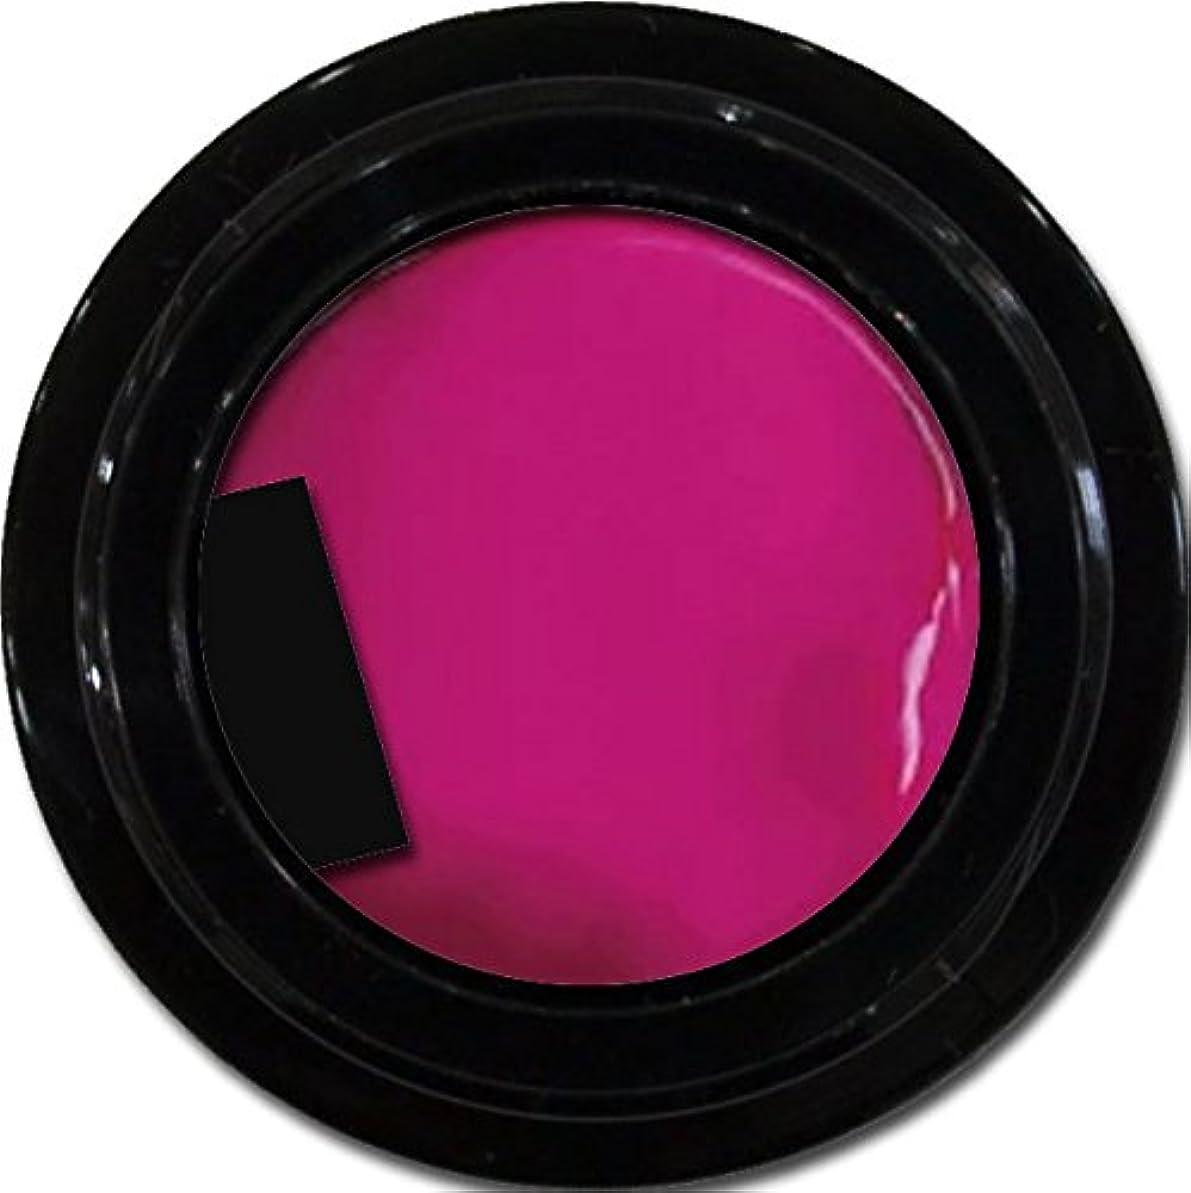 刃言う学期カラージェル enchant color gel M214 NeoPink 3g/ マットカラージェル M214 ネオピンク 3グラム